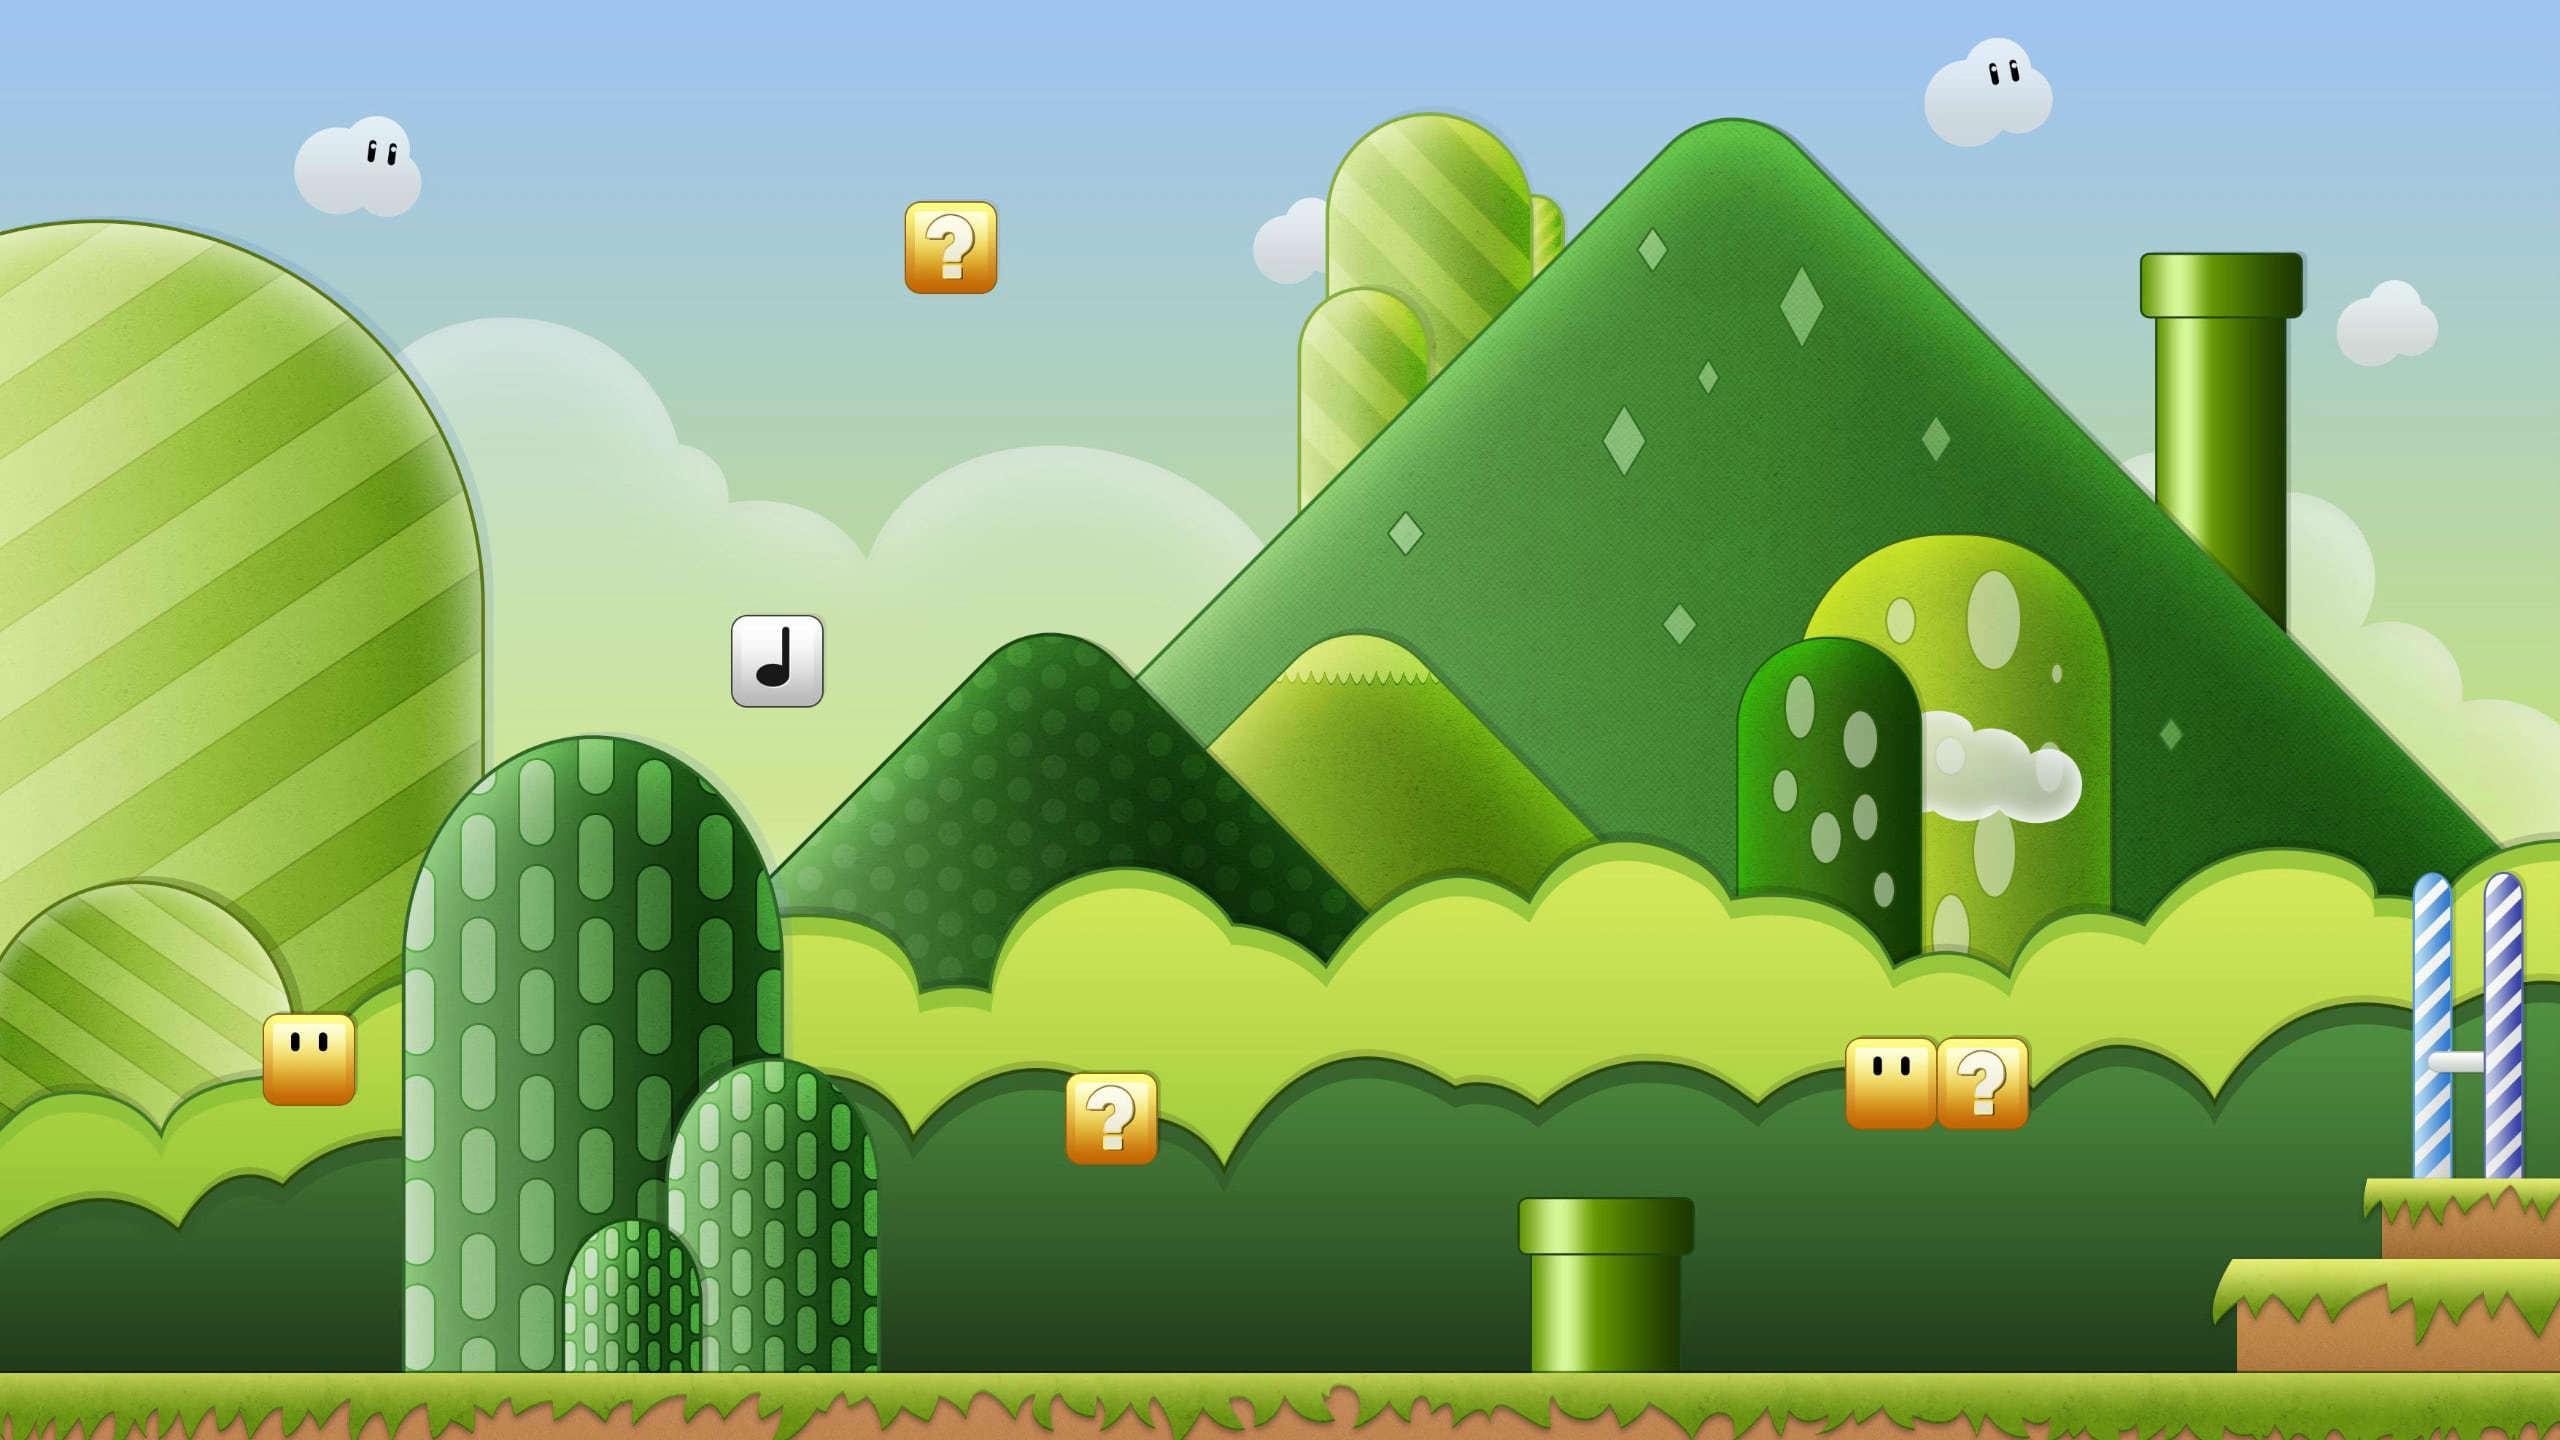 Super Mario Bros Background WQHD 1440P Wallpaper Pixelz 2560x1440